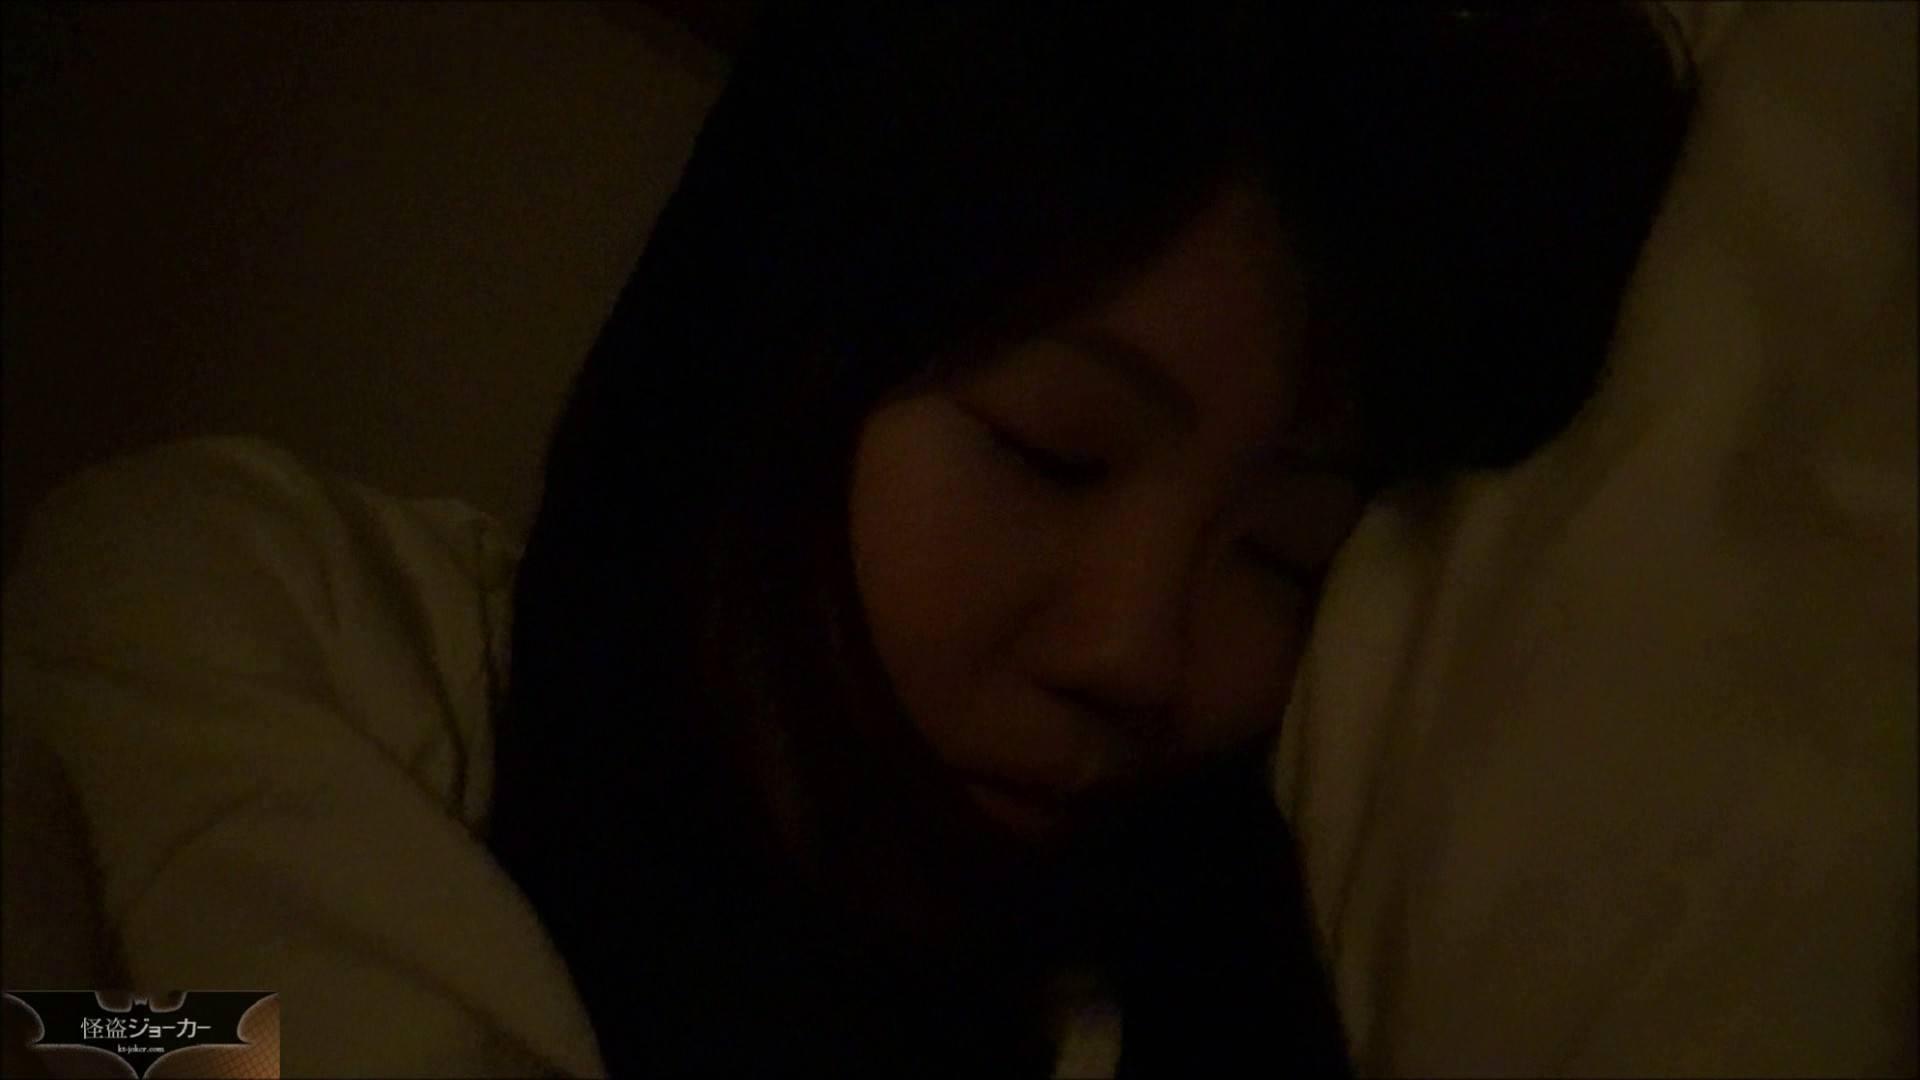 【未公開】vol.78 {関東某有名お嬢様JD}yuunaちゃん② エロいお嬢様   ラブホテル  49画像 19